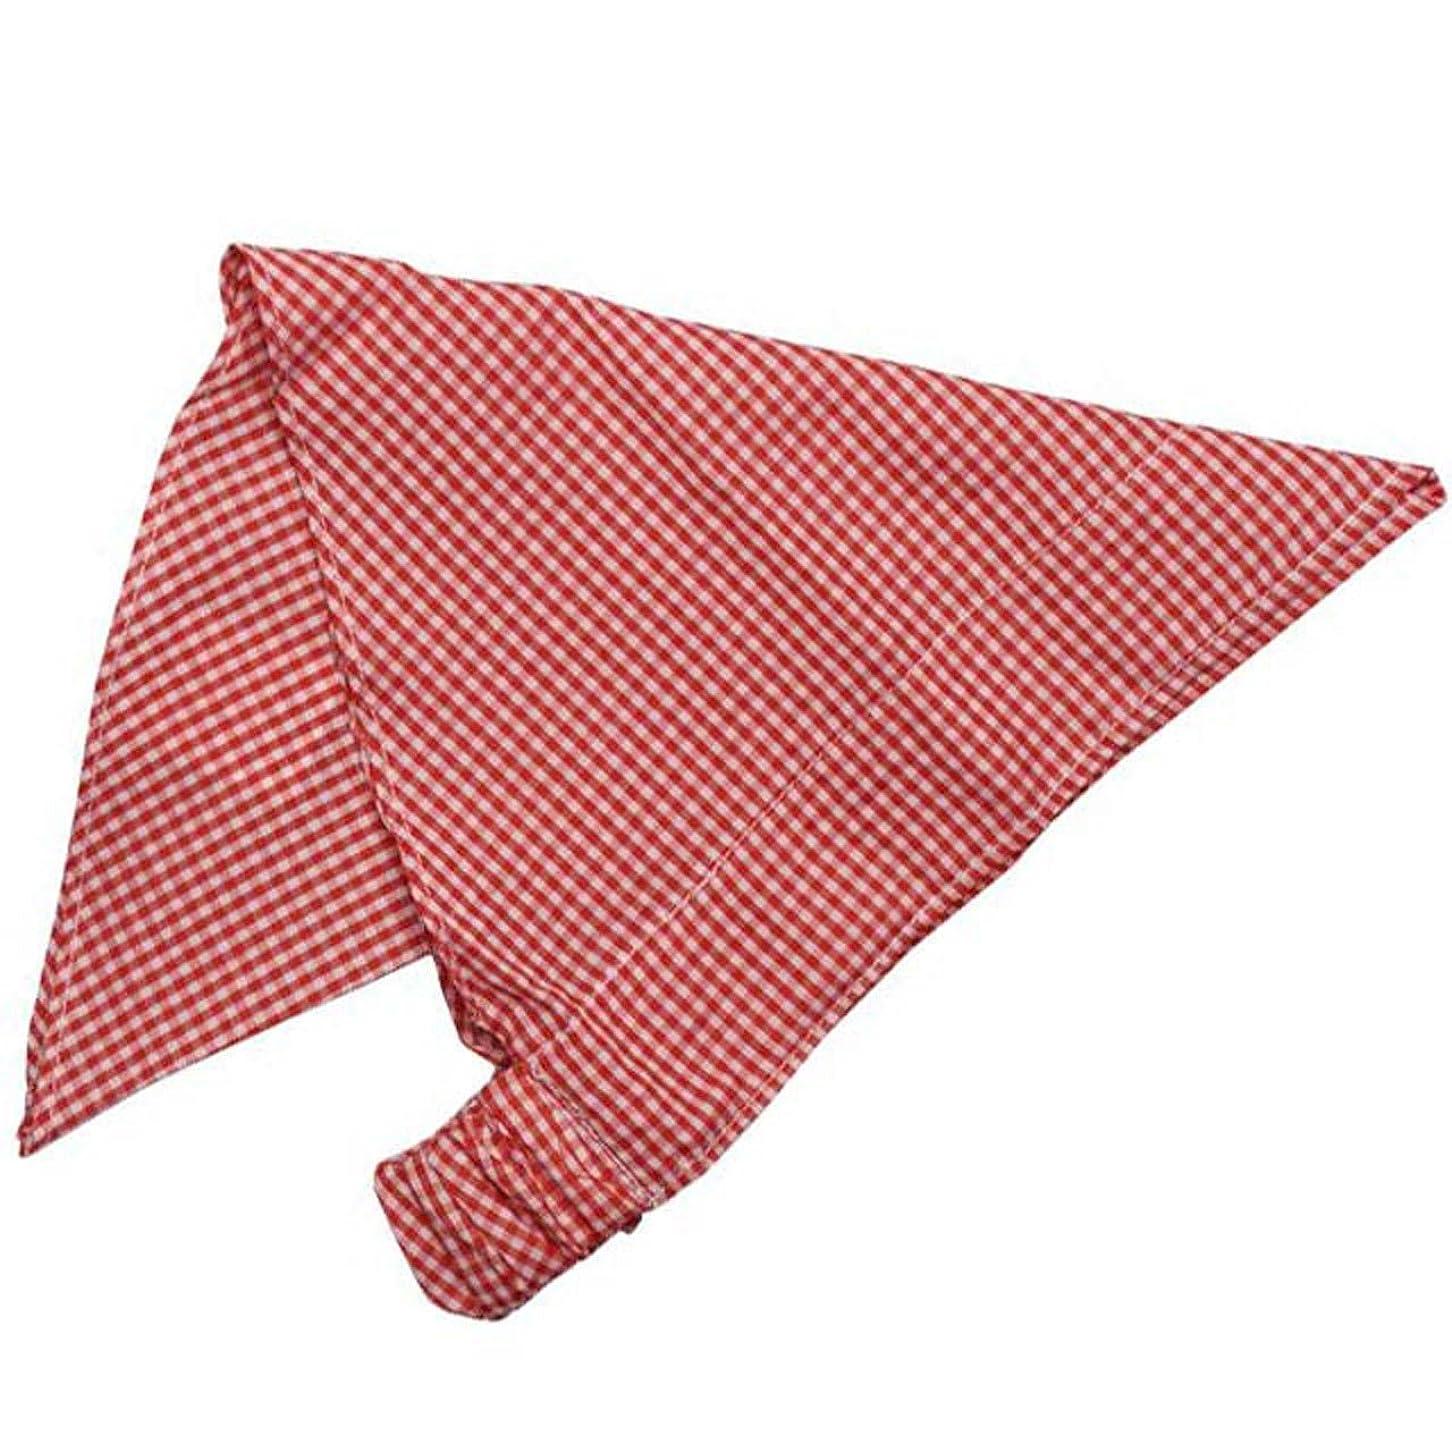 取り替えるビーチ威信三角巾 ゴム付き 子供用 三角布 学校 給食 エプロン 子供エプロン キッズエプロン